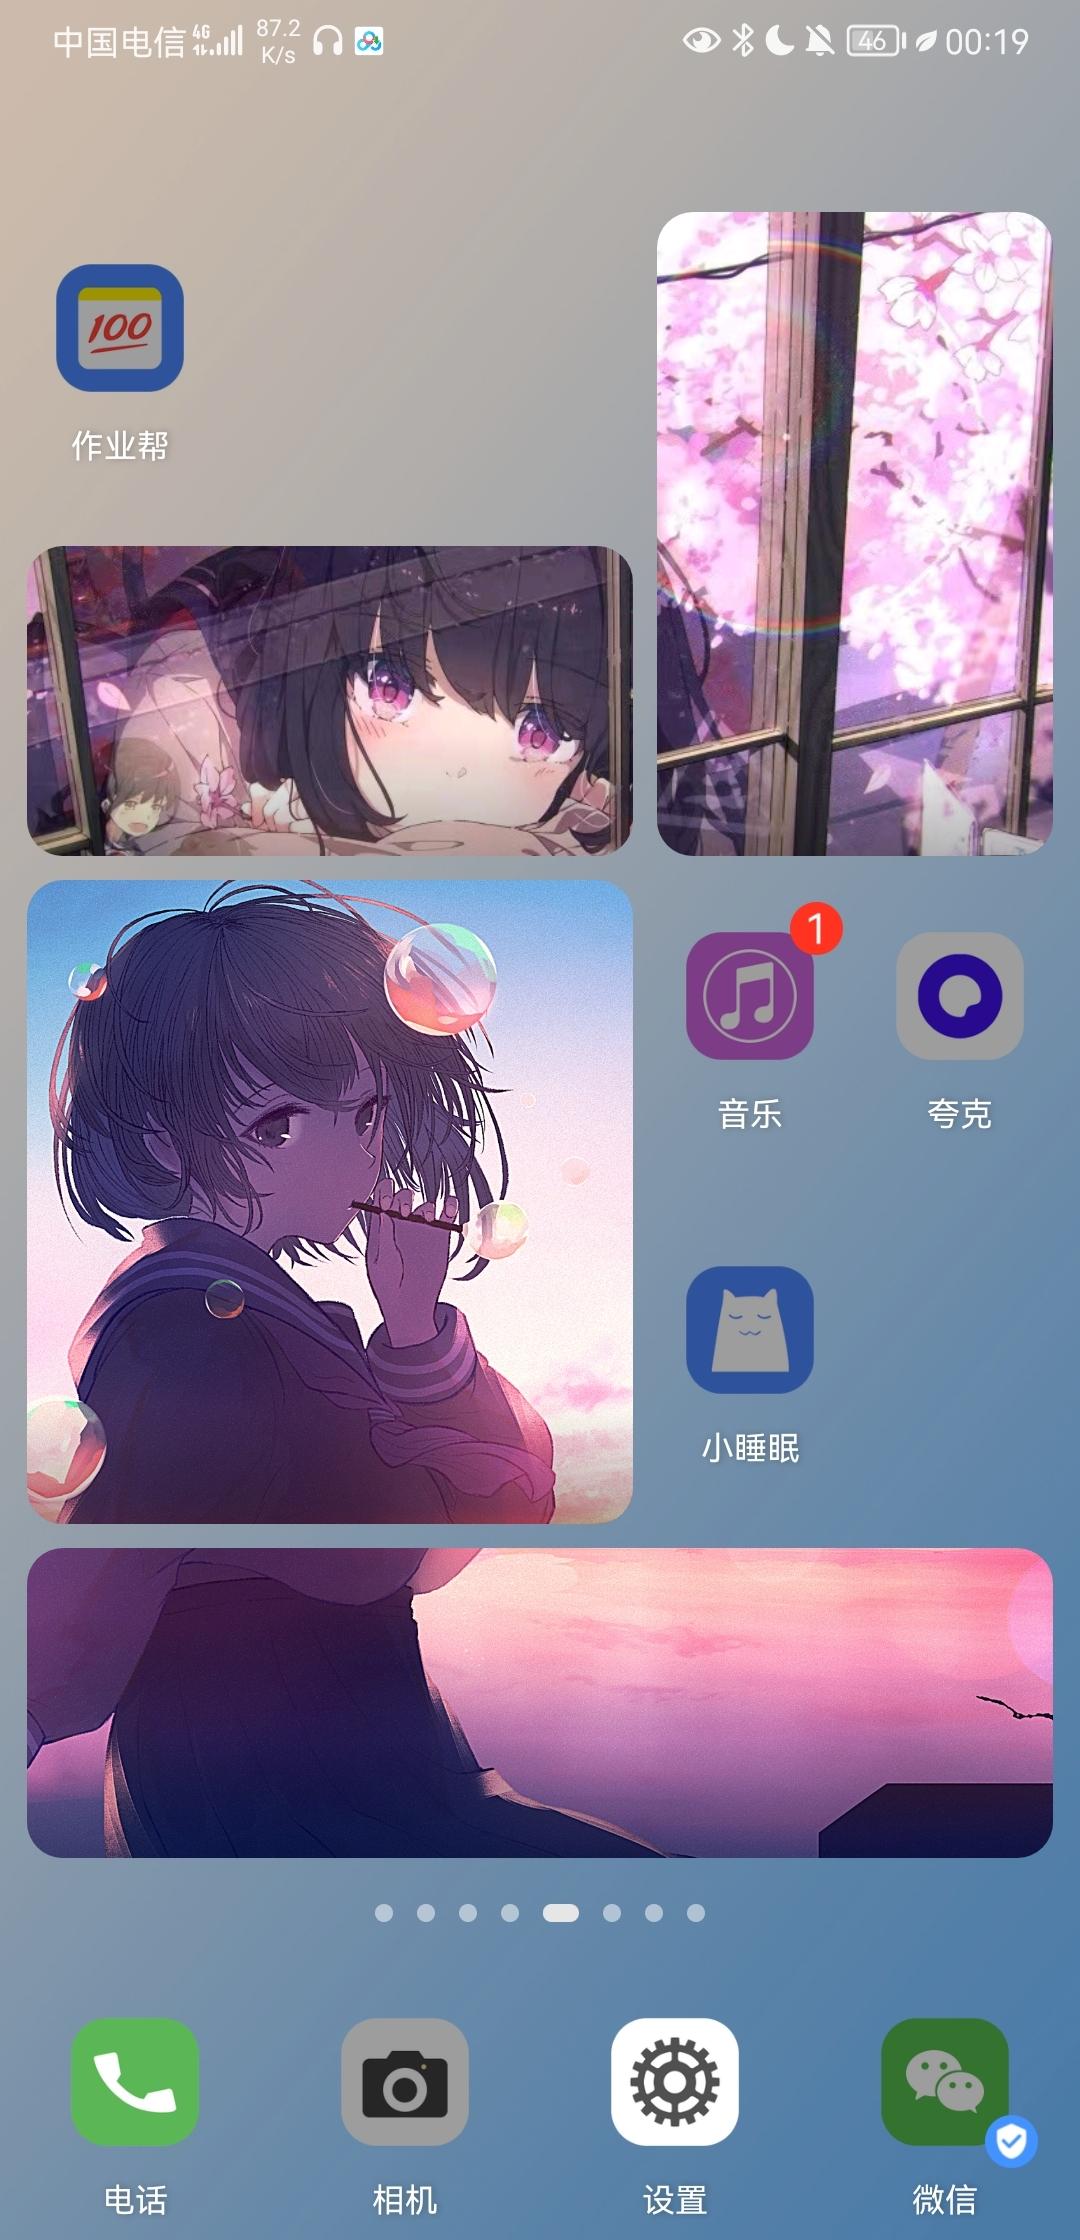 Screenshot_20210923_001957_com.huawei.android.launcher.jpg